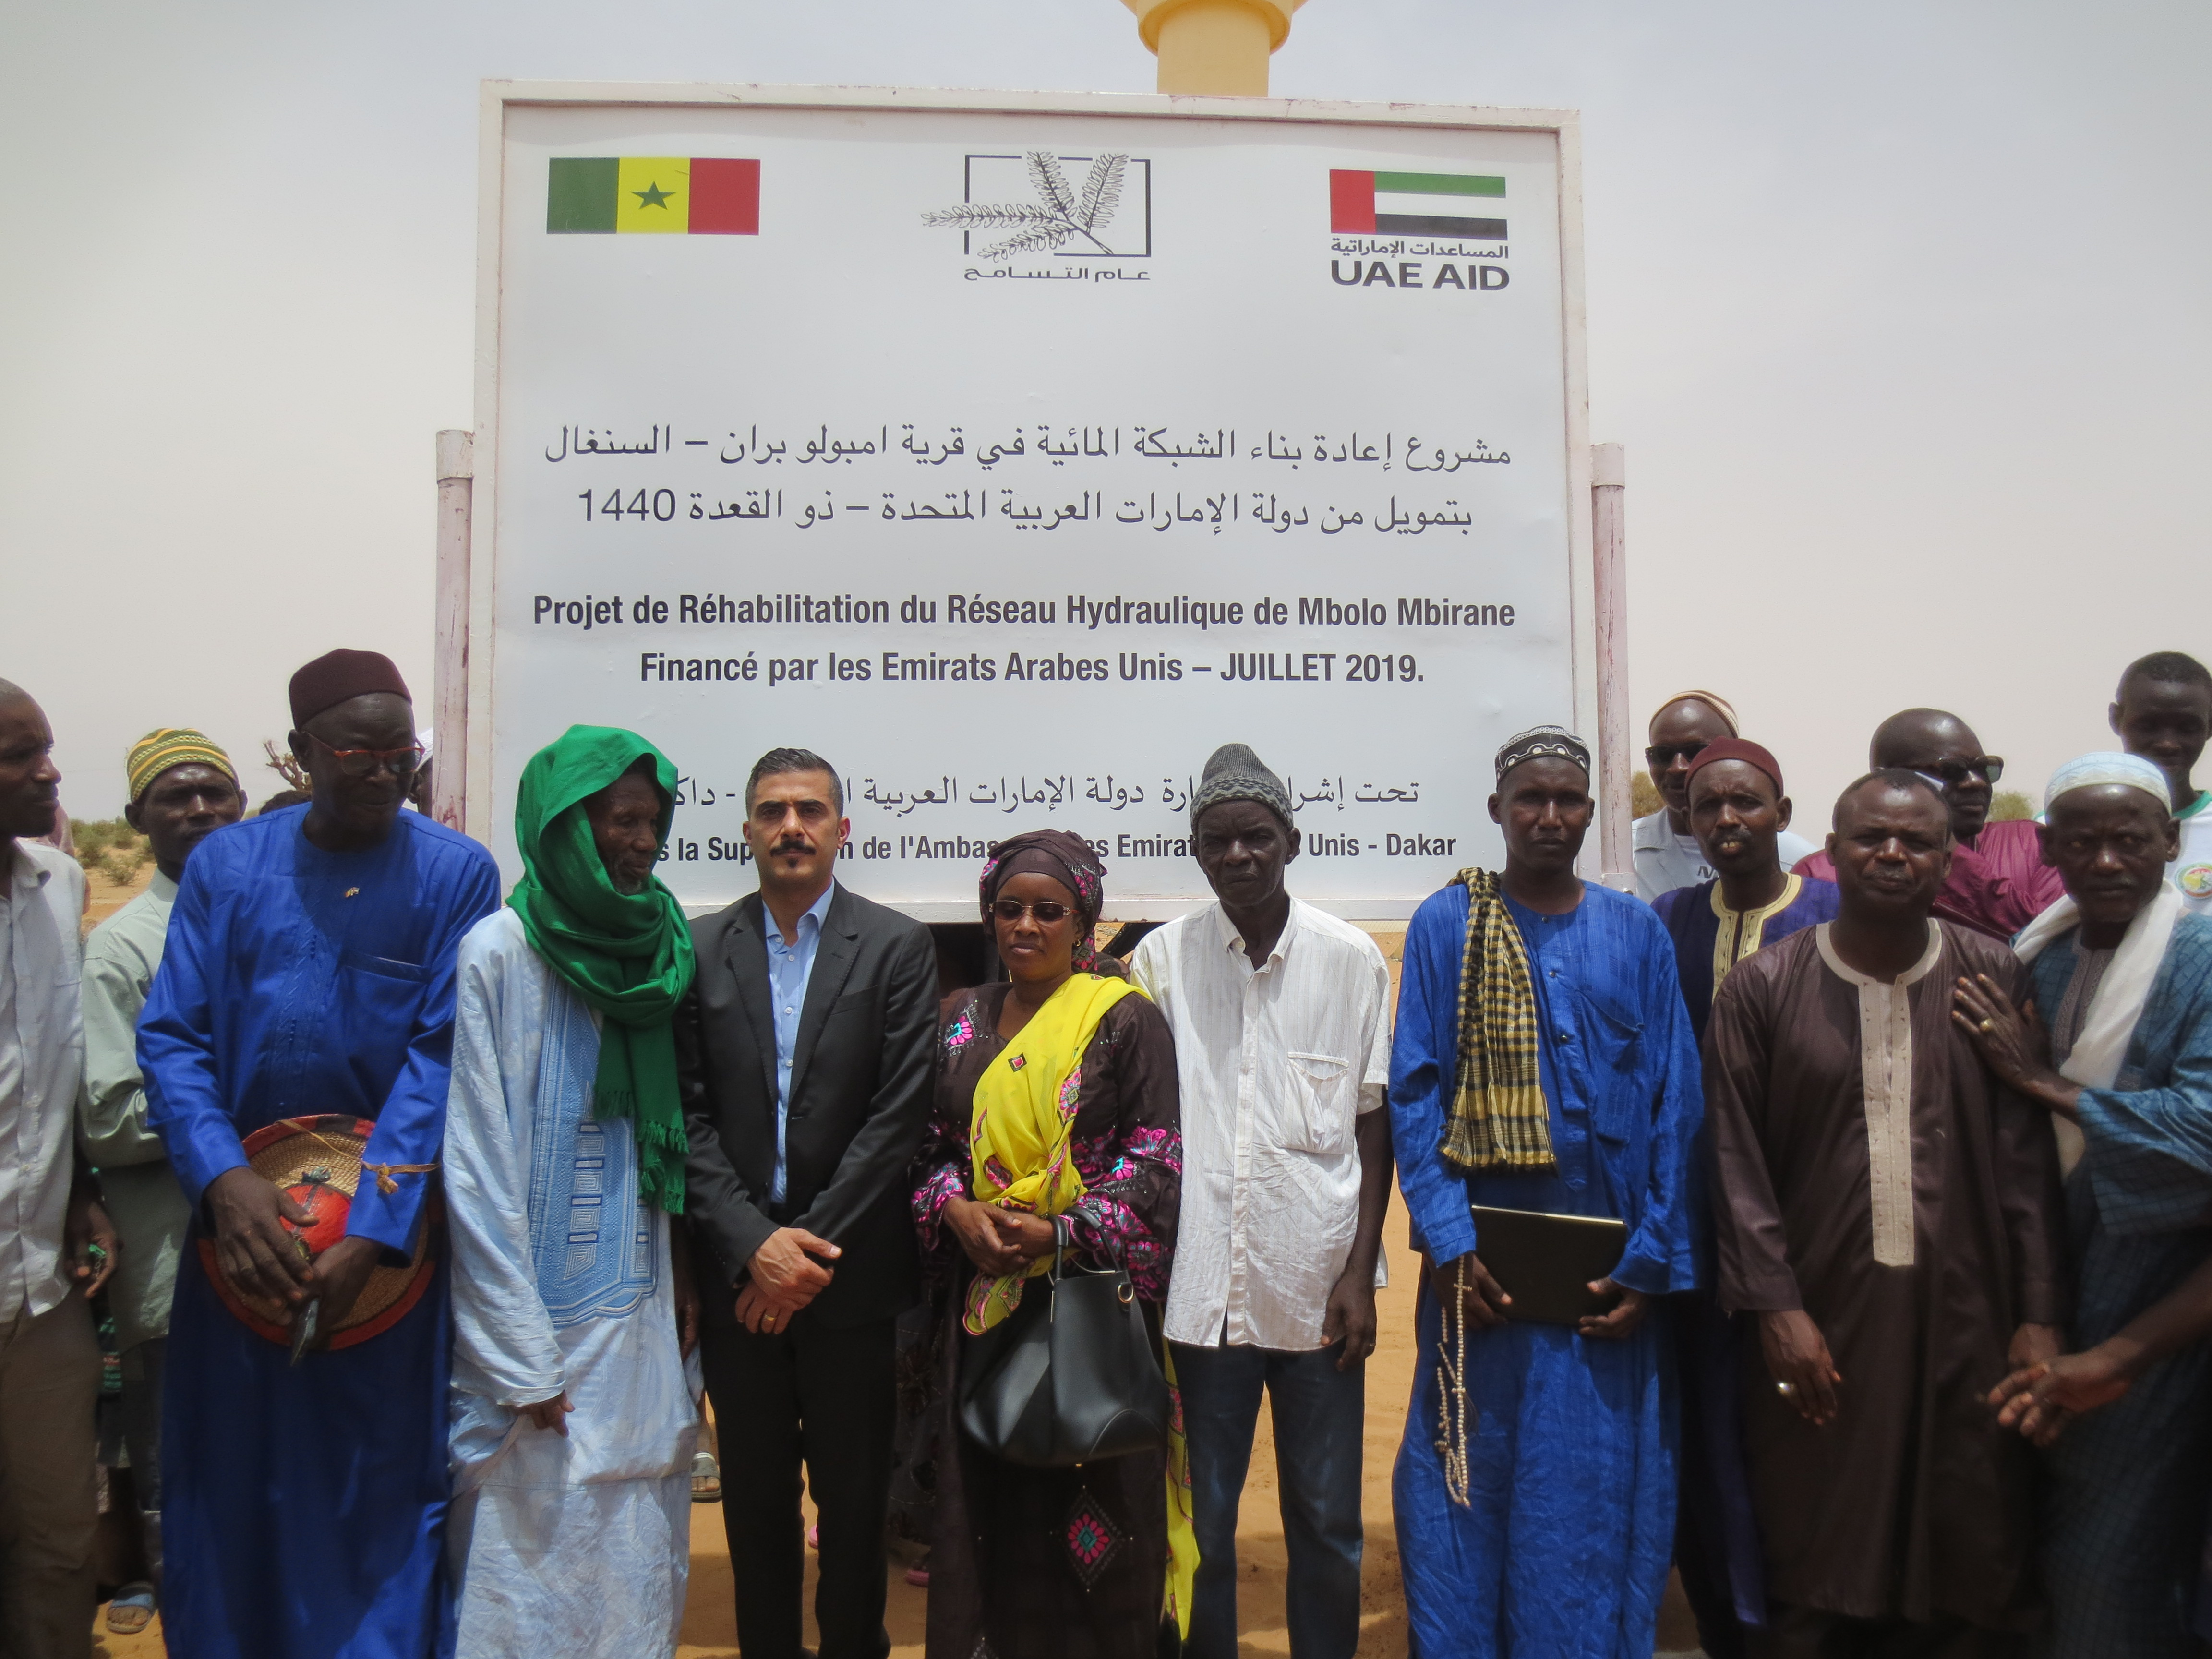 Podor : le village de Mbolo Birane étrenne son nouveau réseau hydraulique rénové par l'Ambassade des Emirats Arabes Unis